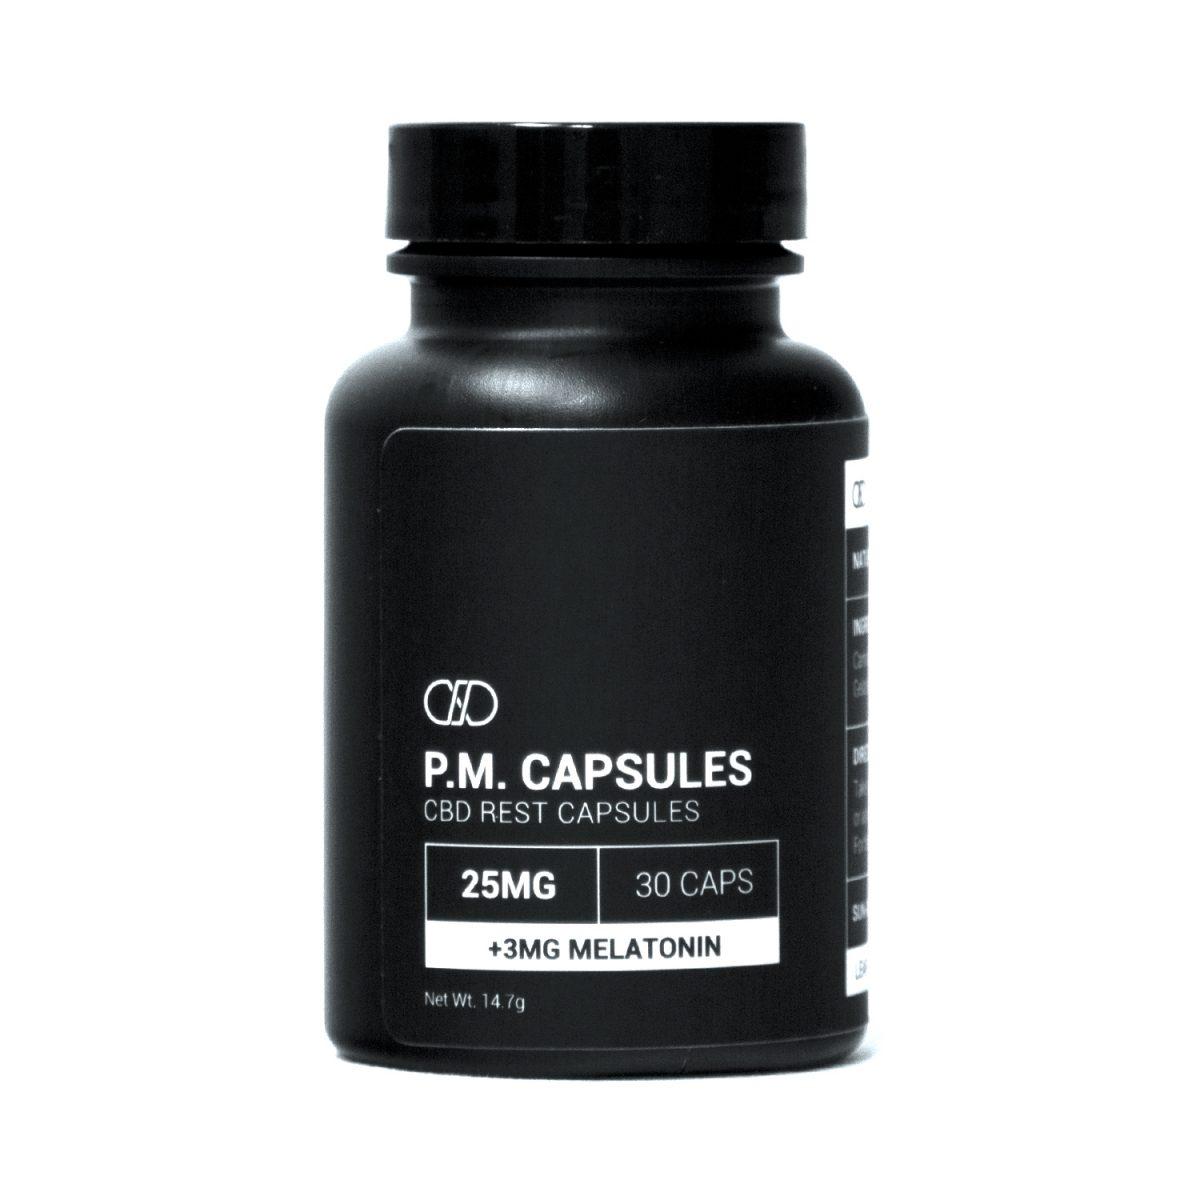 Wholesale P.M. Capsules